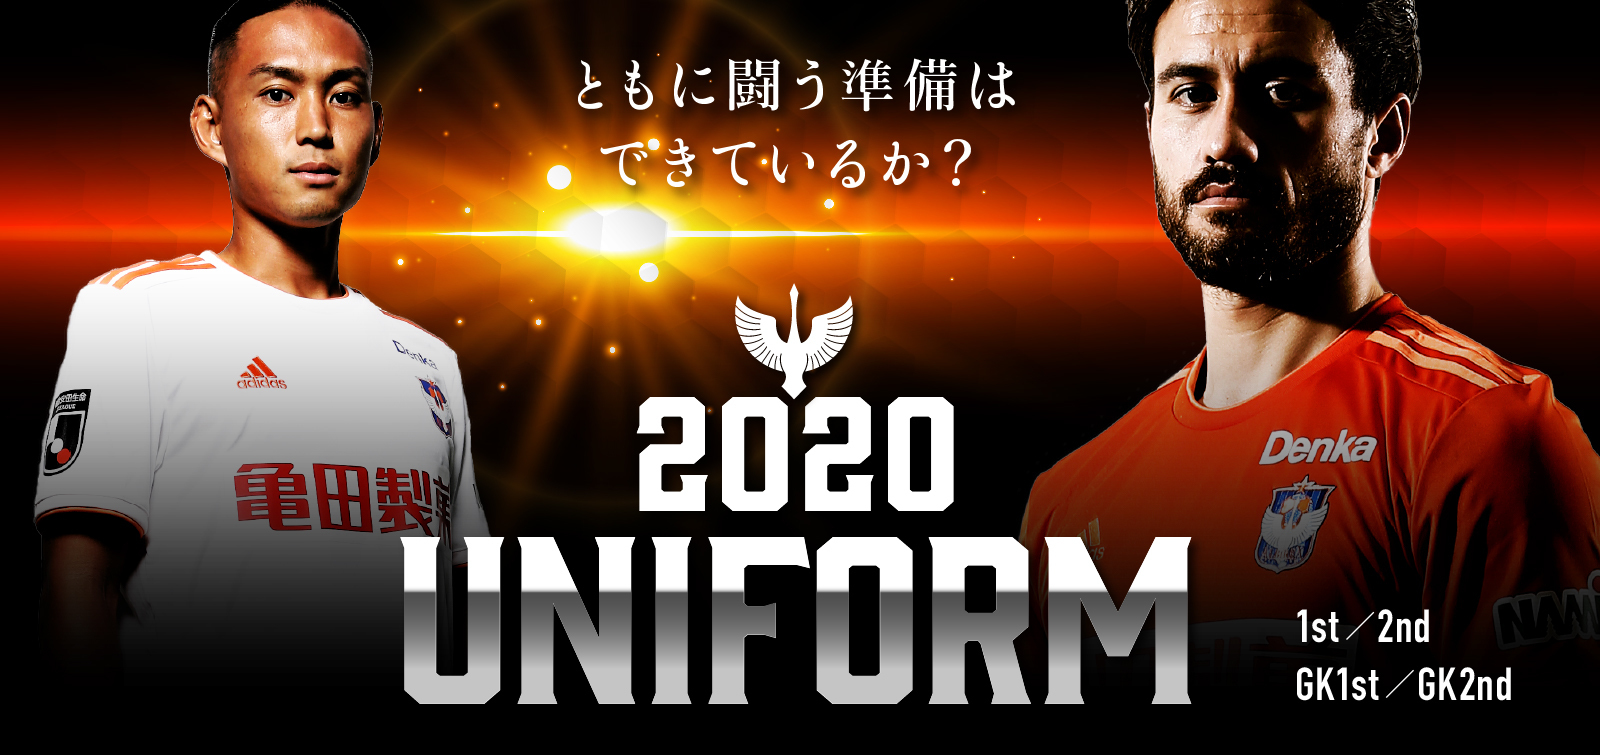 2020ユニフォーム